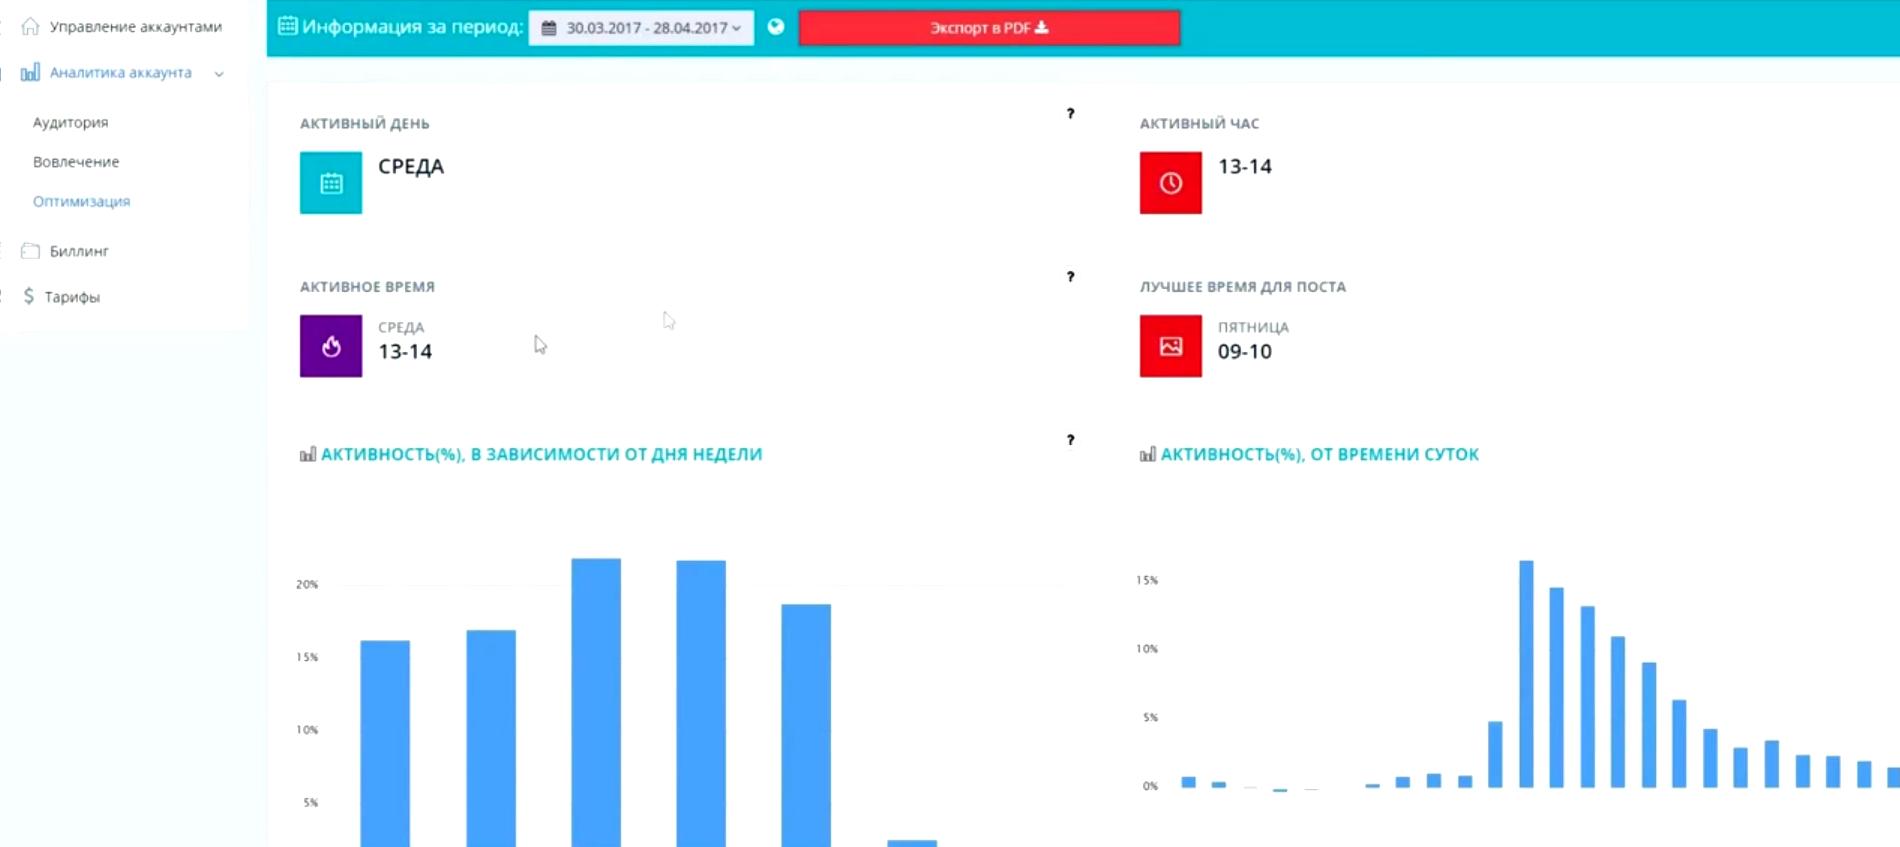 Анализ статистики активности пользователей в целях оптимизации интернет-маркетинга в программном продукте Picalytics